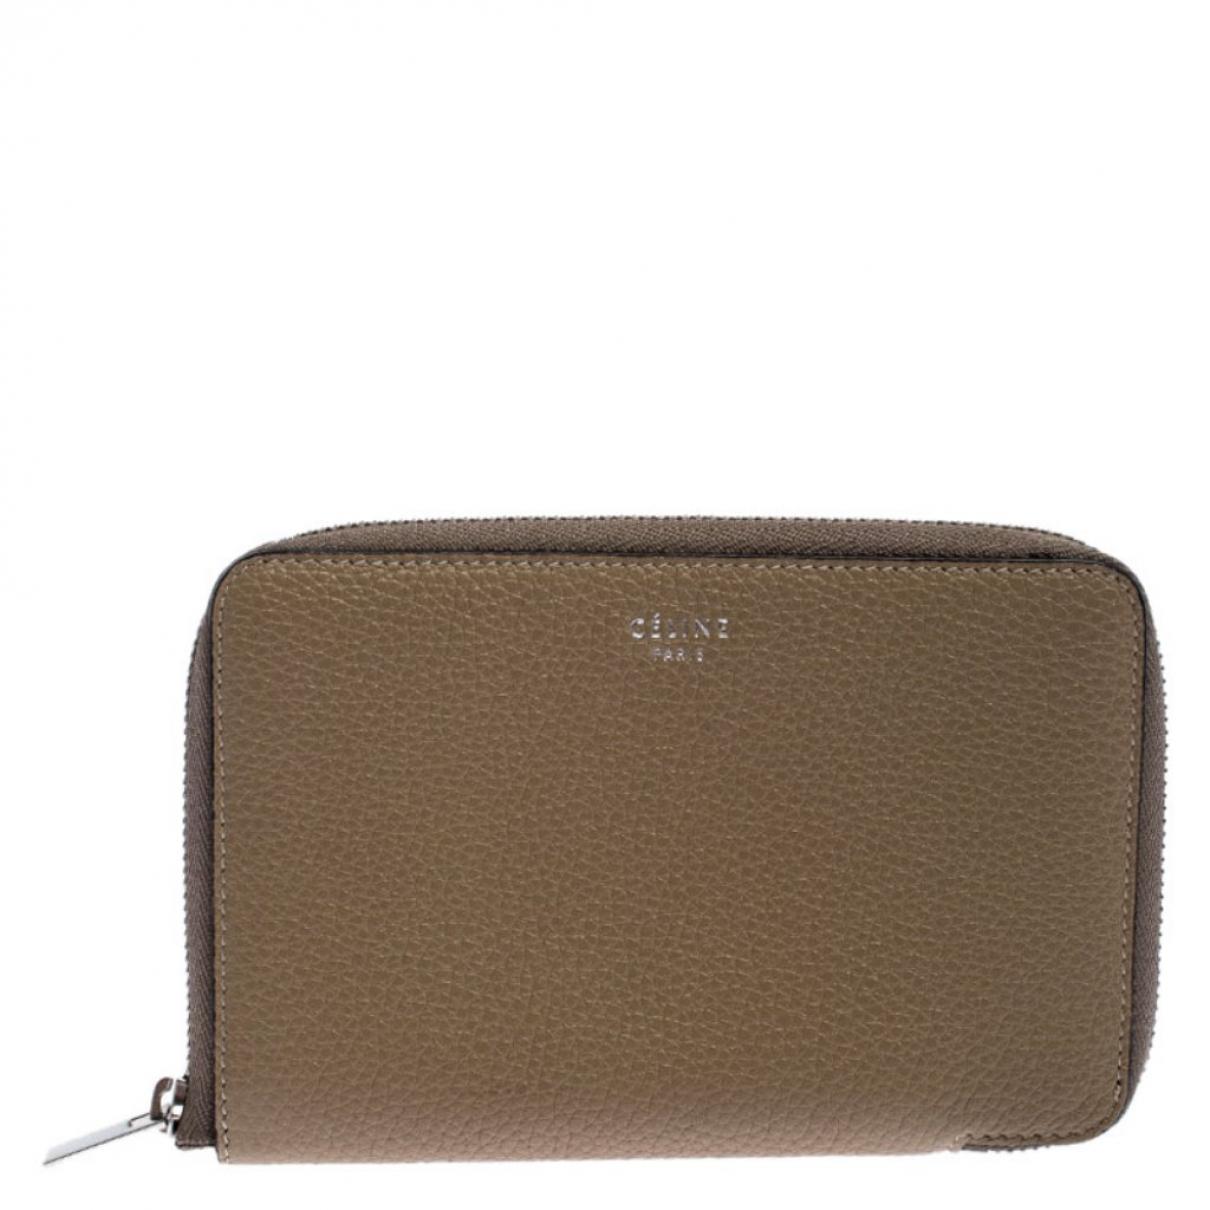 Celine \N Beige Leather wallet for Women \N